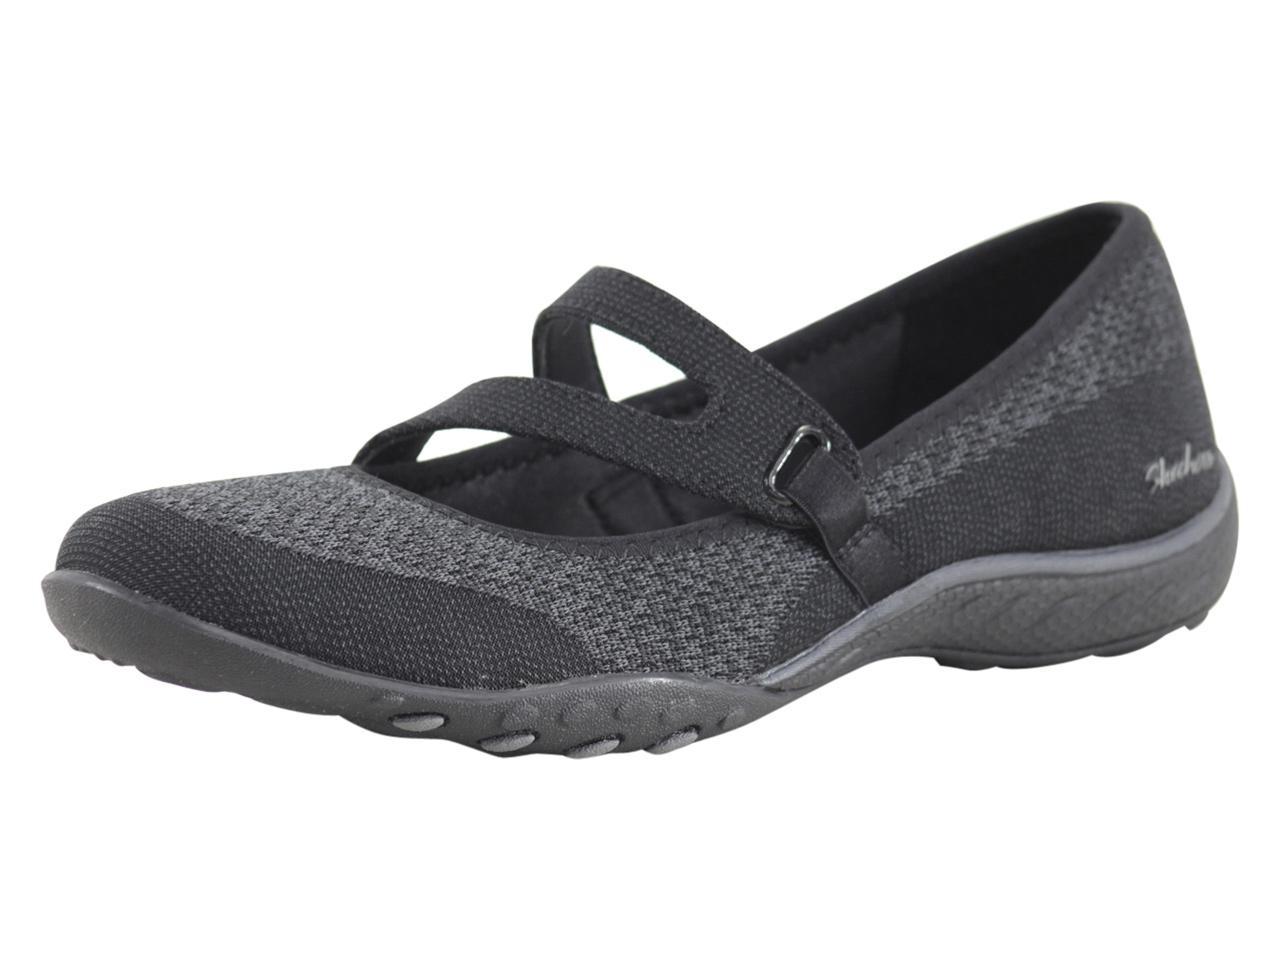 Skechers Women's Breathe Easy Lucky Lady Memory Foam Mary Janes Sneakers Shoes